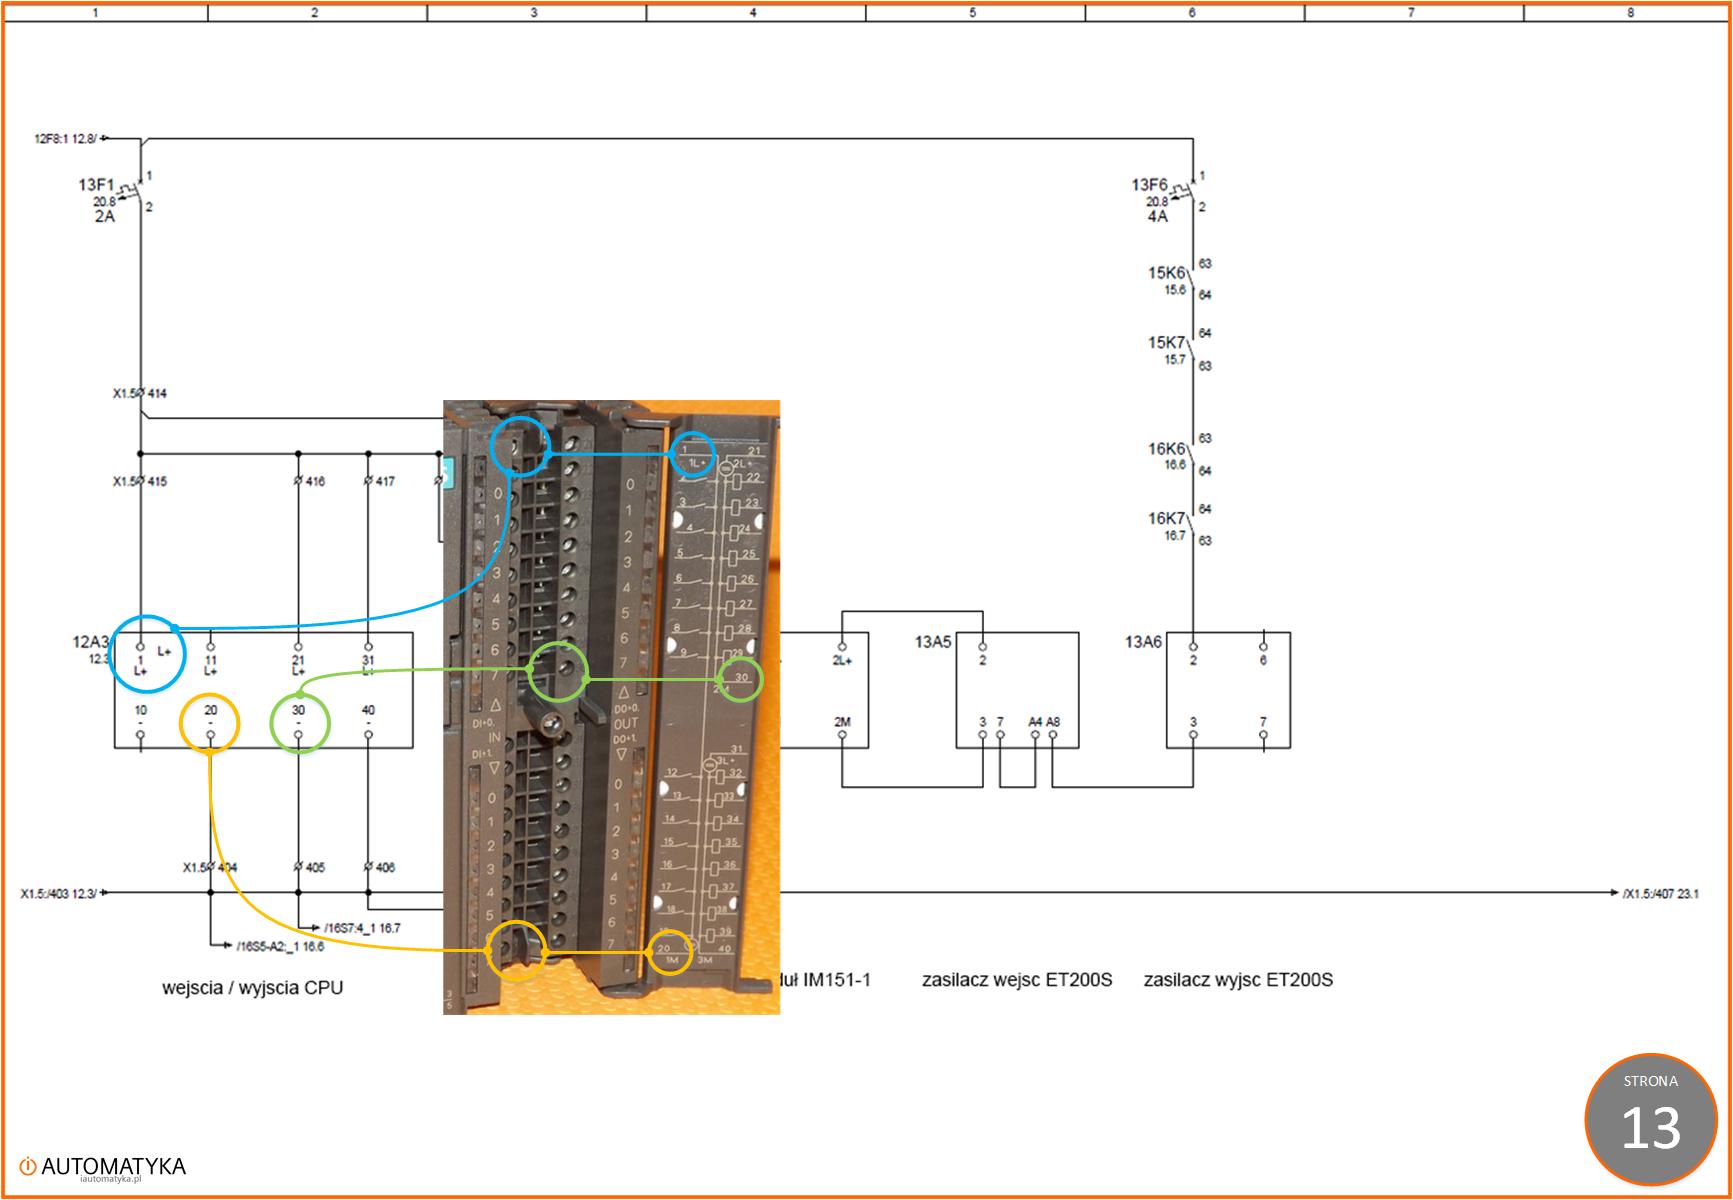 Strona 13 - Sterownik PLC 313C-2DP na schemacie elektrycznym automatyki - Zsilanie wejsc i wyjsc